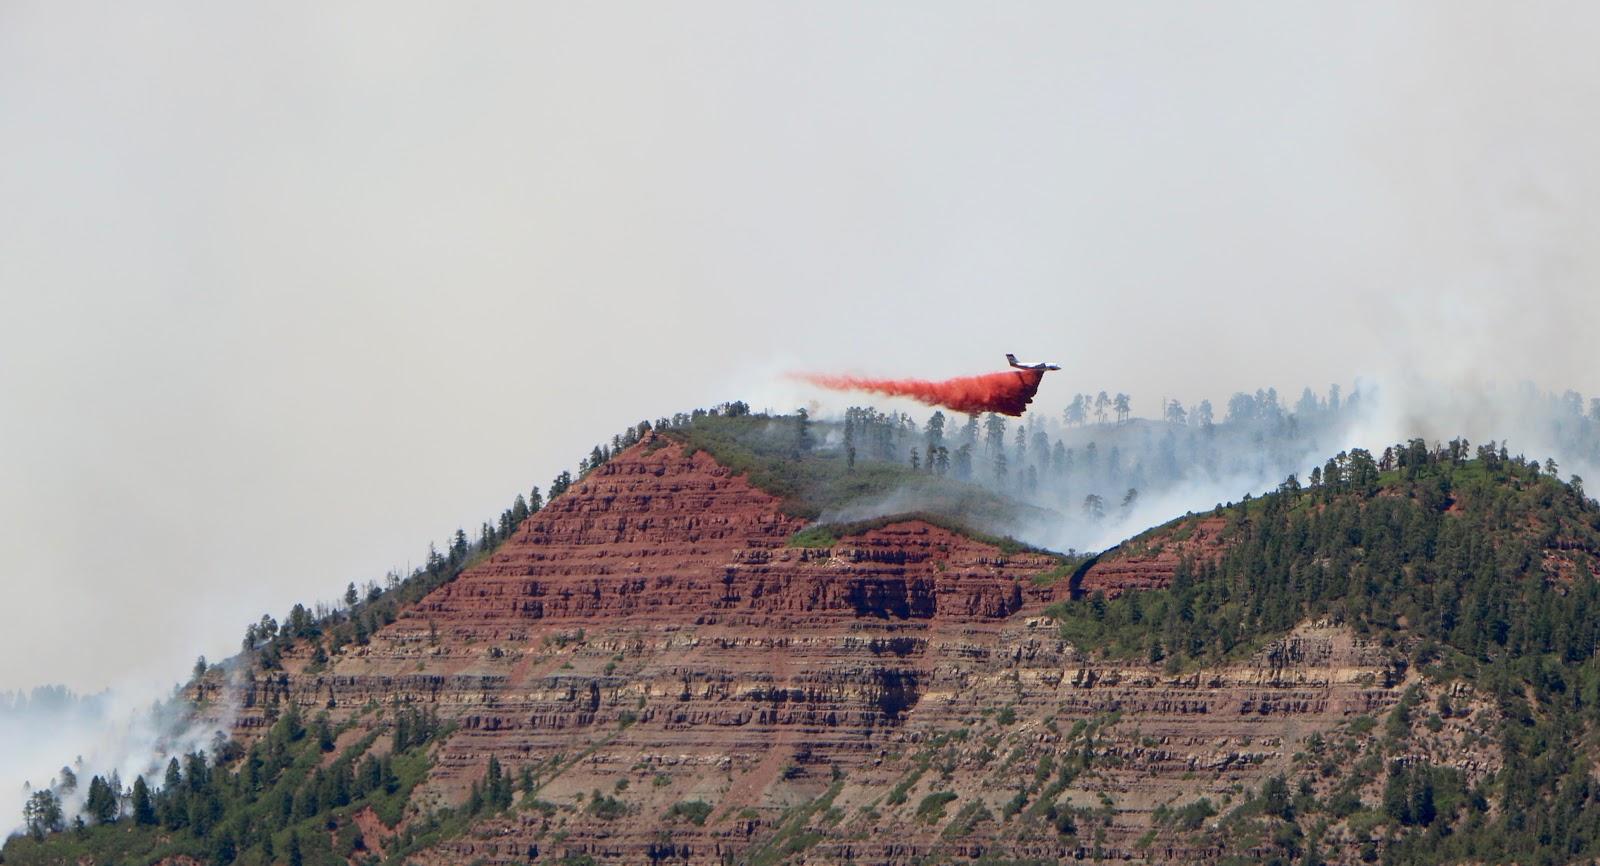 416 Fire, photo by Priscilla Sherman416 Fire, photo by Priscilla Sherman